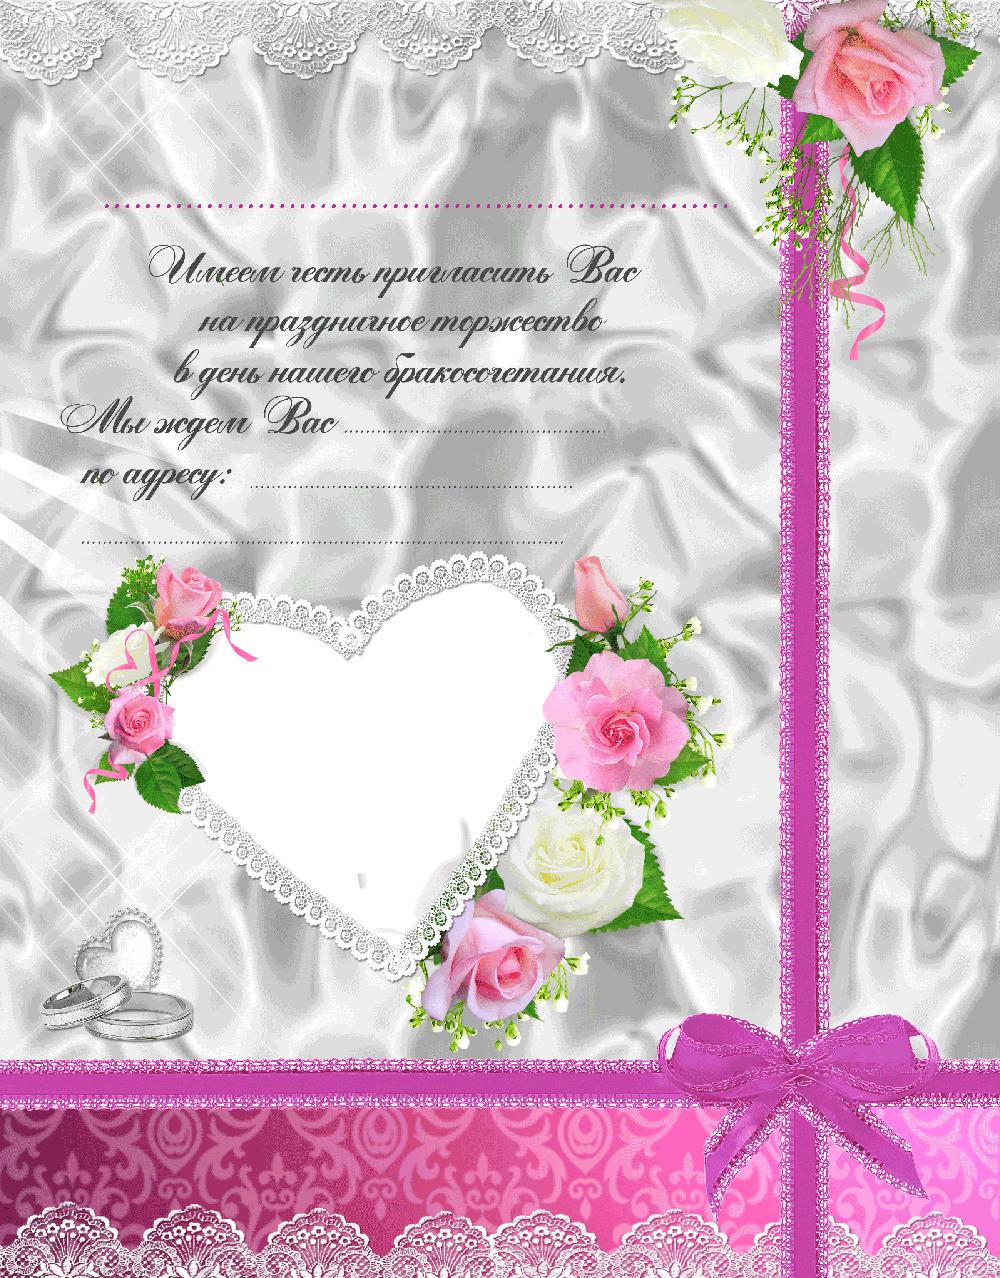 Шаблон электронного свадебного приглашения